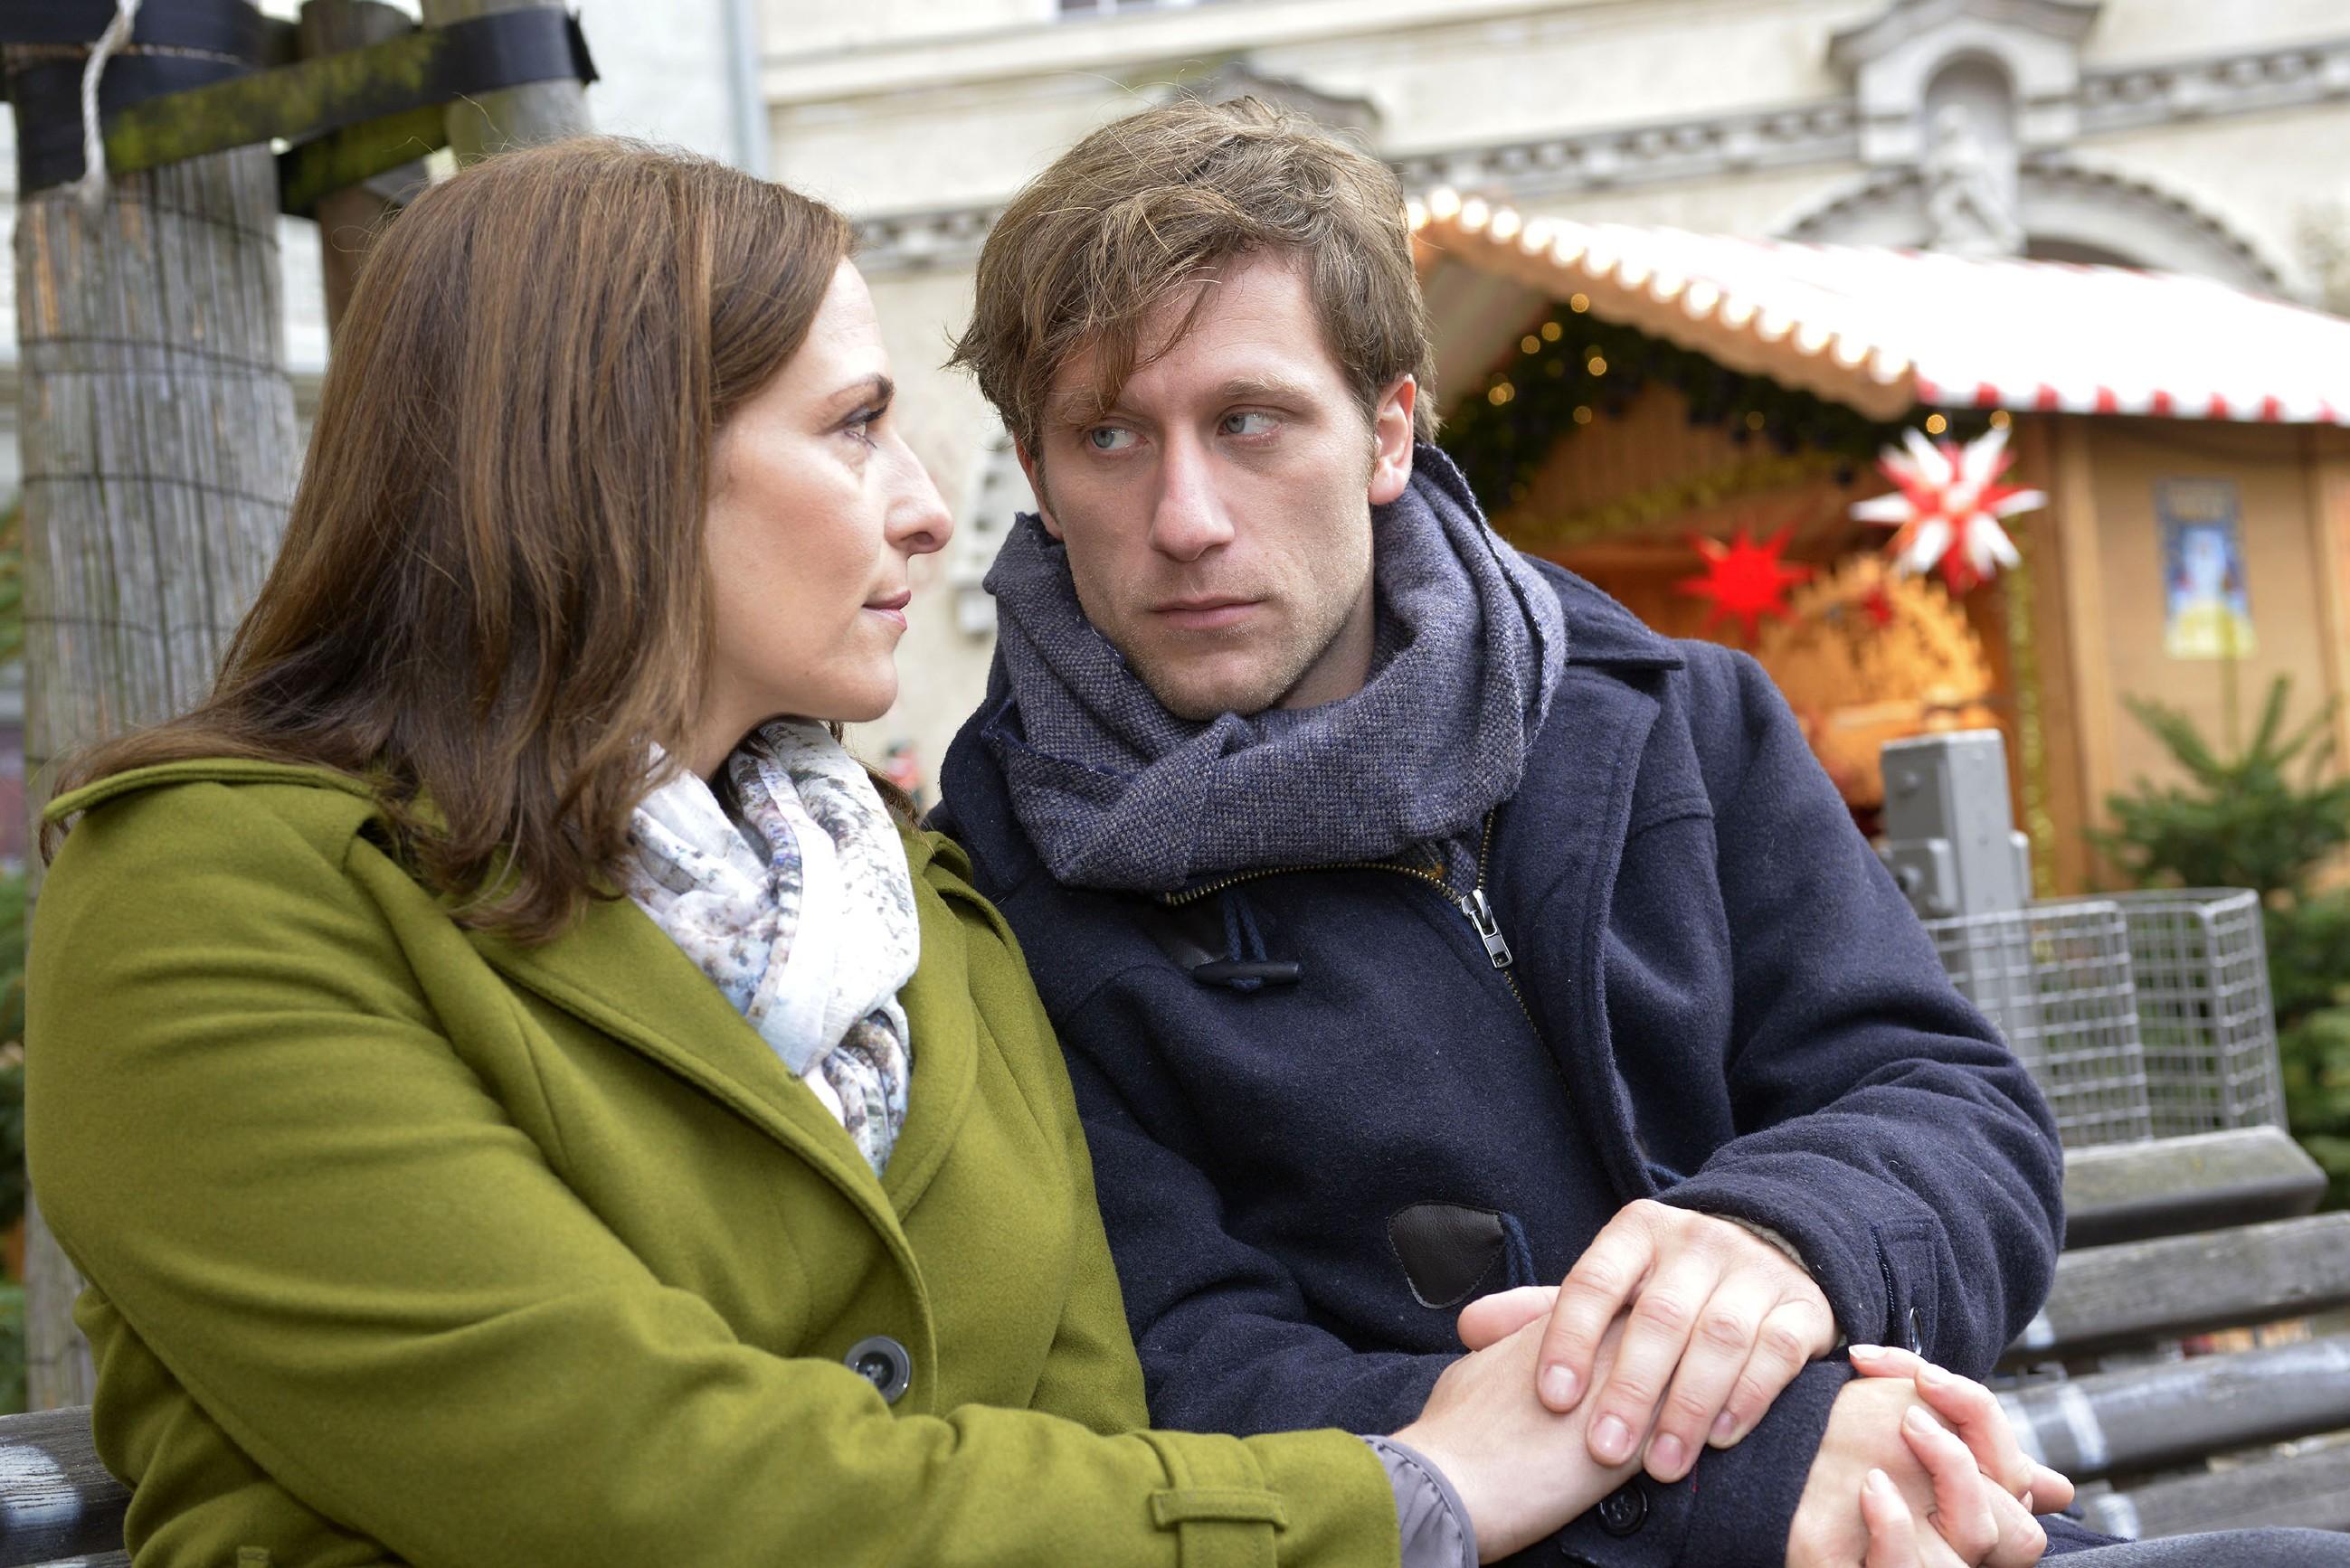 Statt Zeit mit der Suche nach einer lebensrettenden Therapie zu vergeuden, will Till (Merlin Leonhardt) mit Katrin (Ulrike Frank) Normalität genießen.